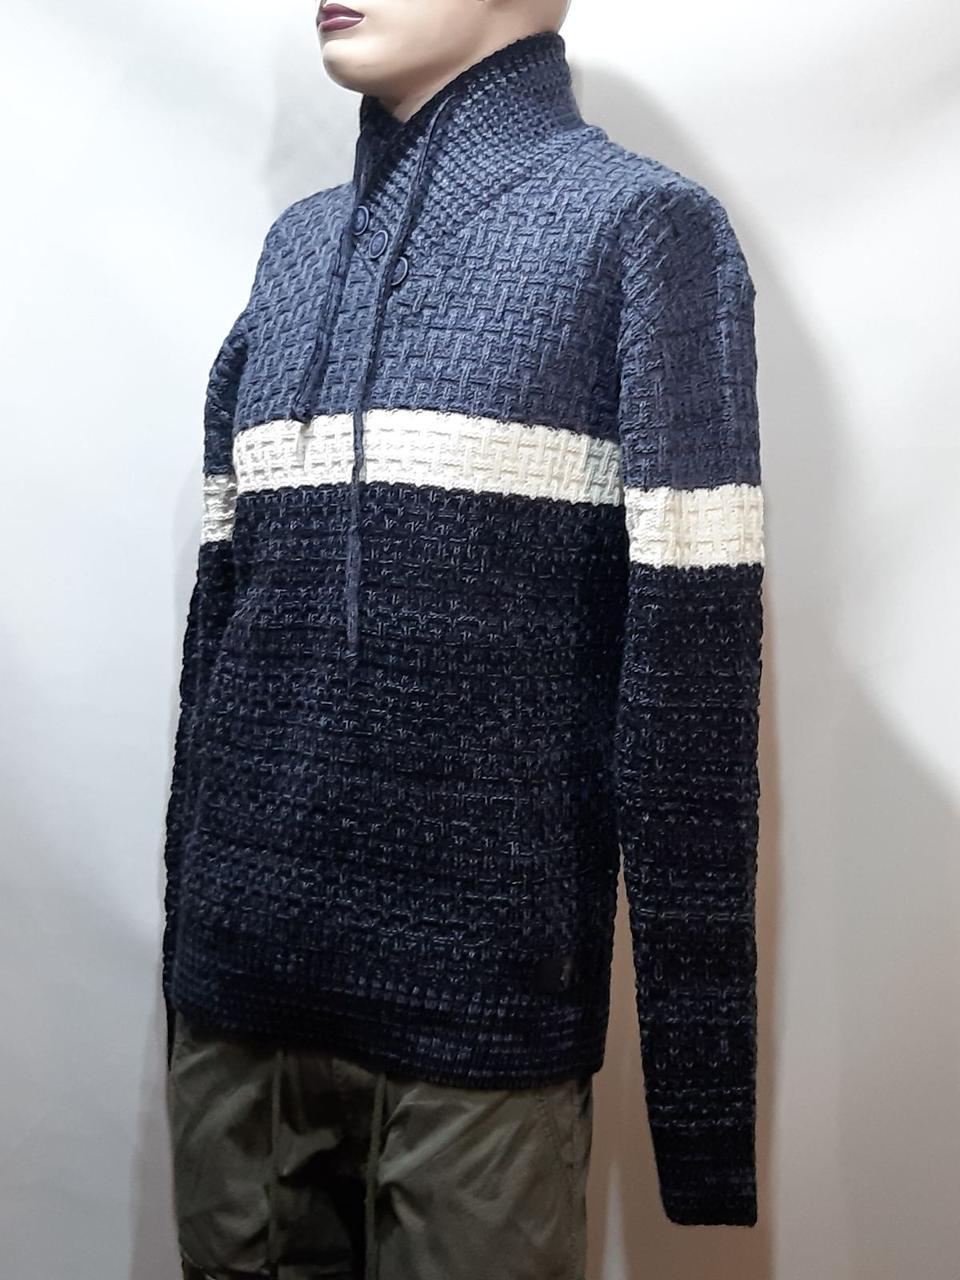 Мужской шерстяной свитер с модным воротником на шнурке Турция Синий (большие размеры)